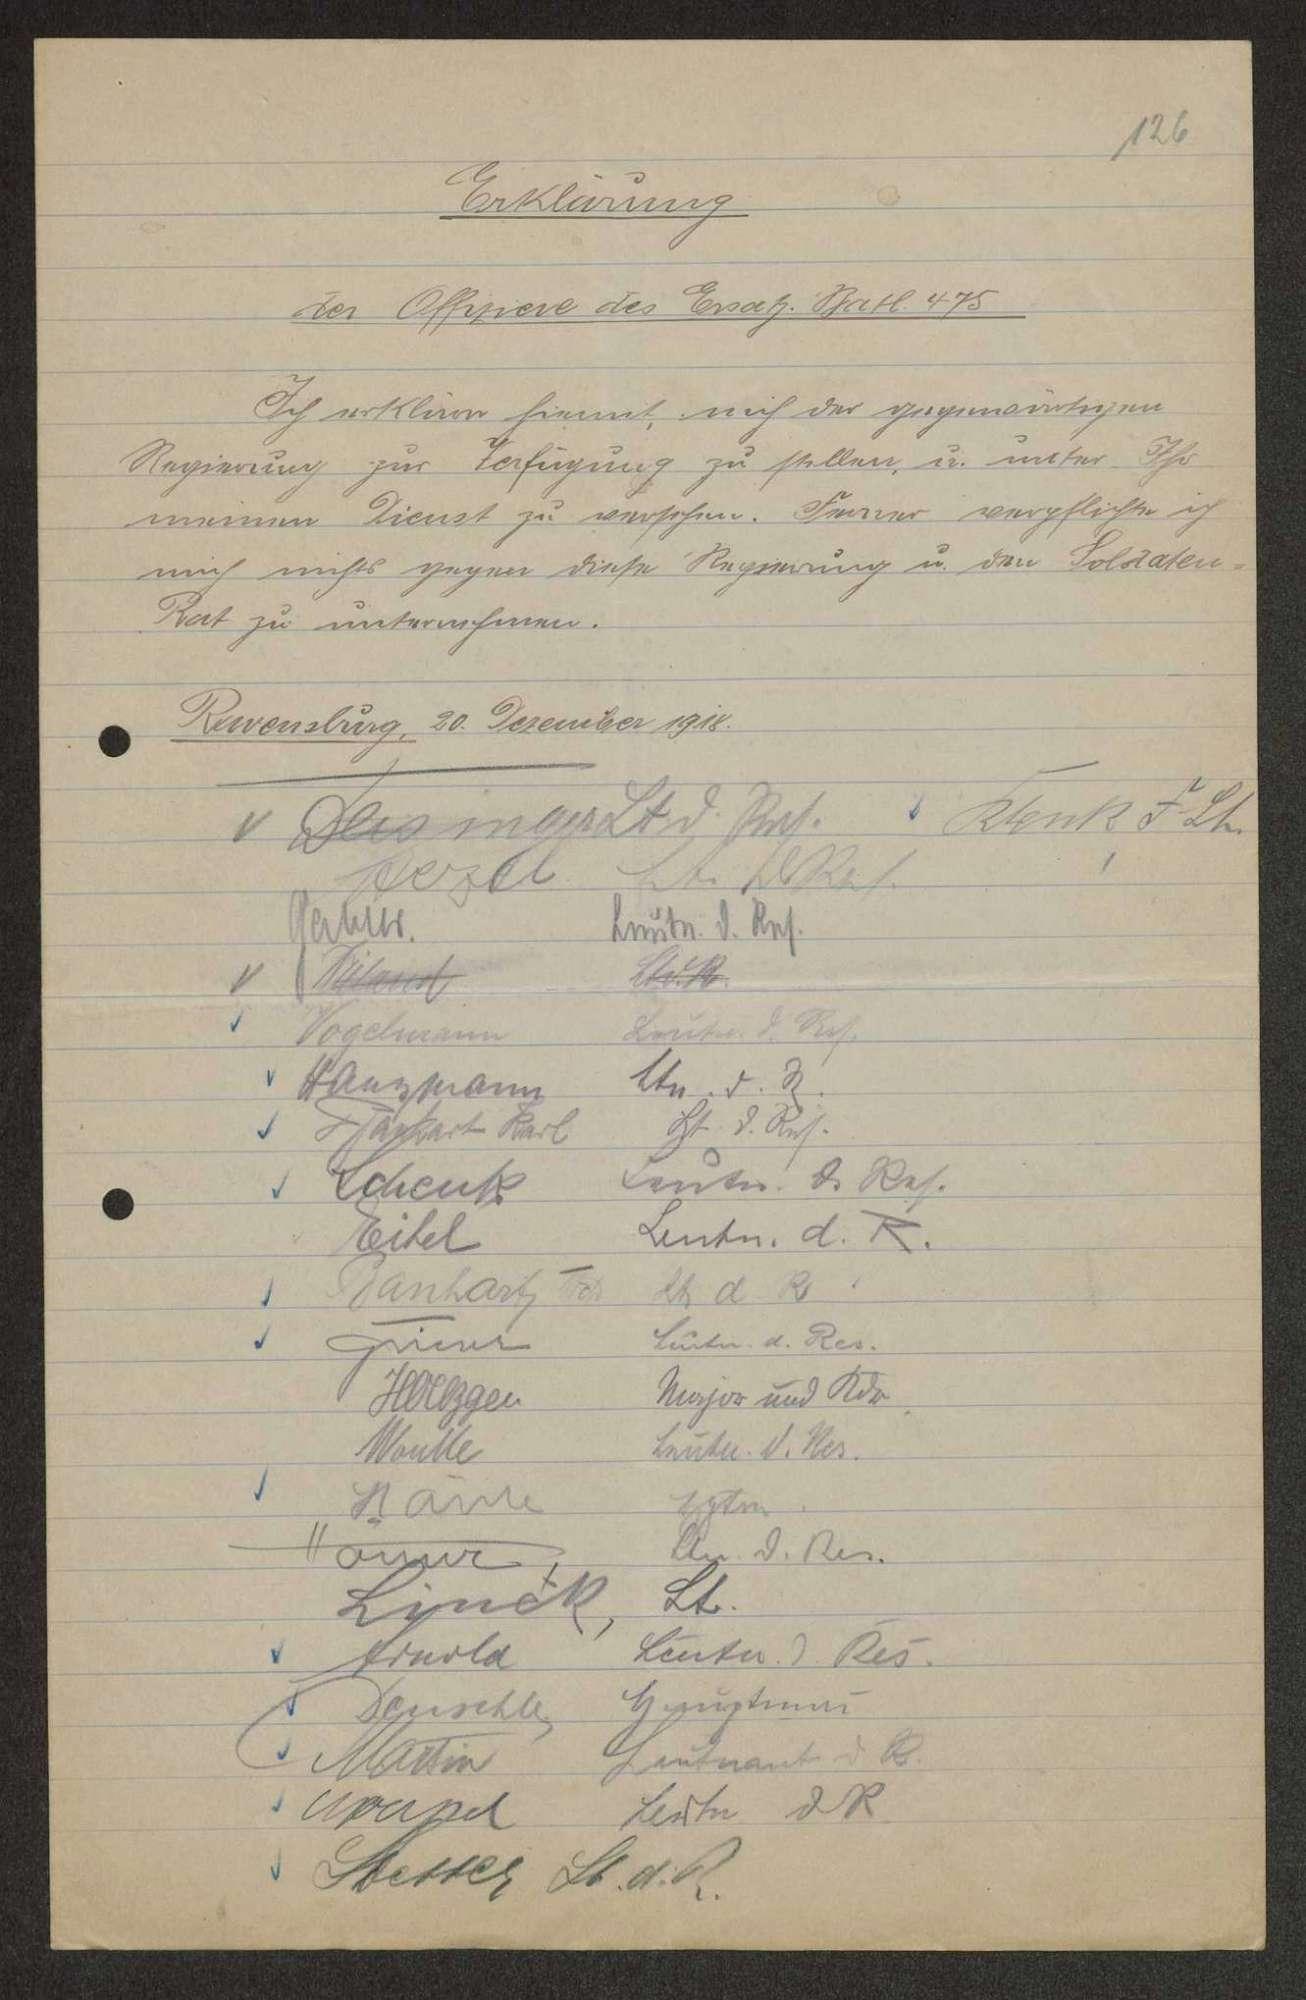 Unterschriftenliste der Offiziere des Ersatz-Bataillons des Infanterie-Regiments Nr. 475 zur Loyalität gegenüber der bestehenden Regierung und gegenüber dem Soldatenrat, Bild 1